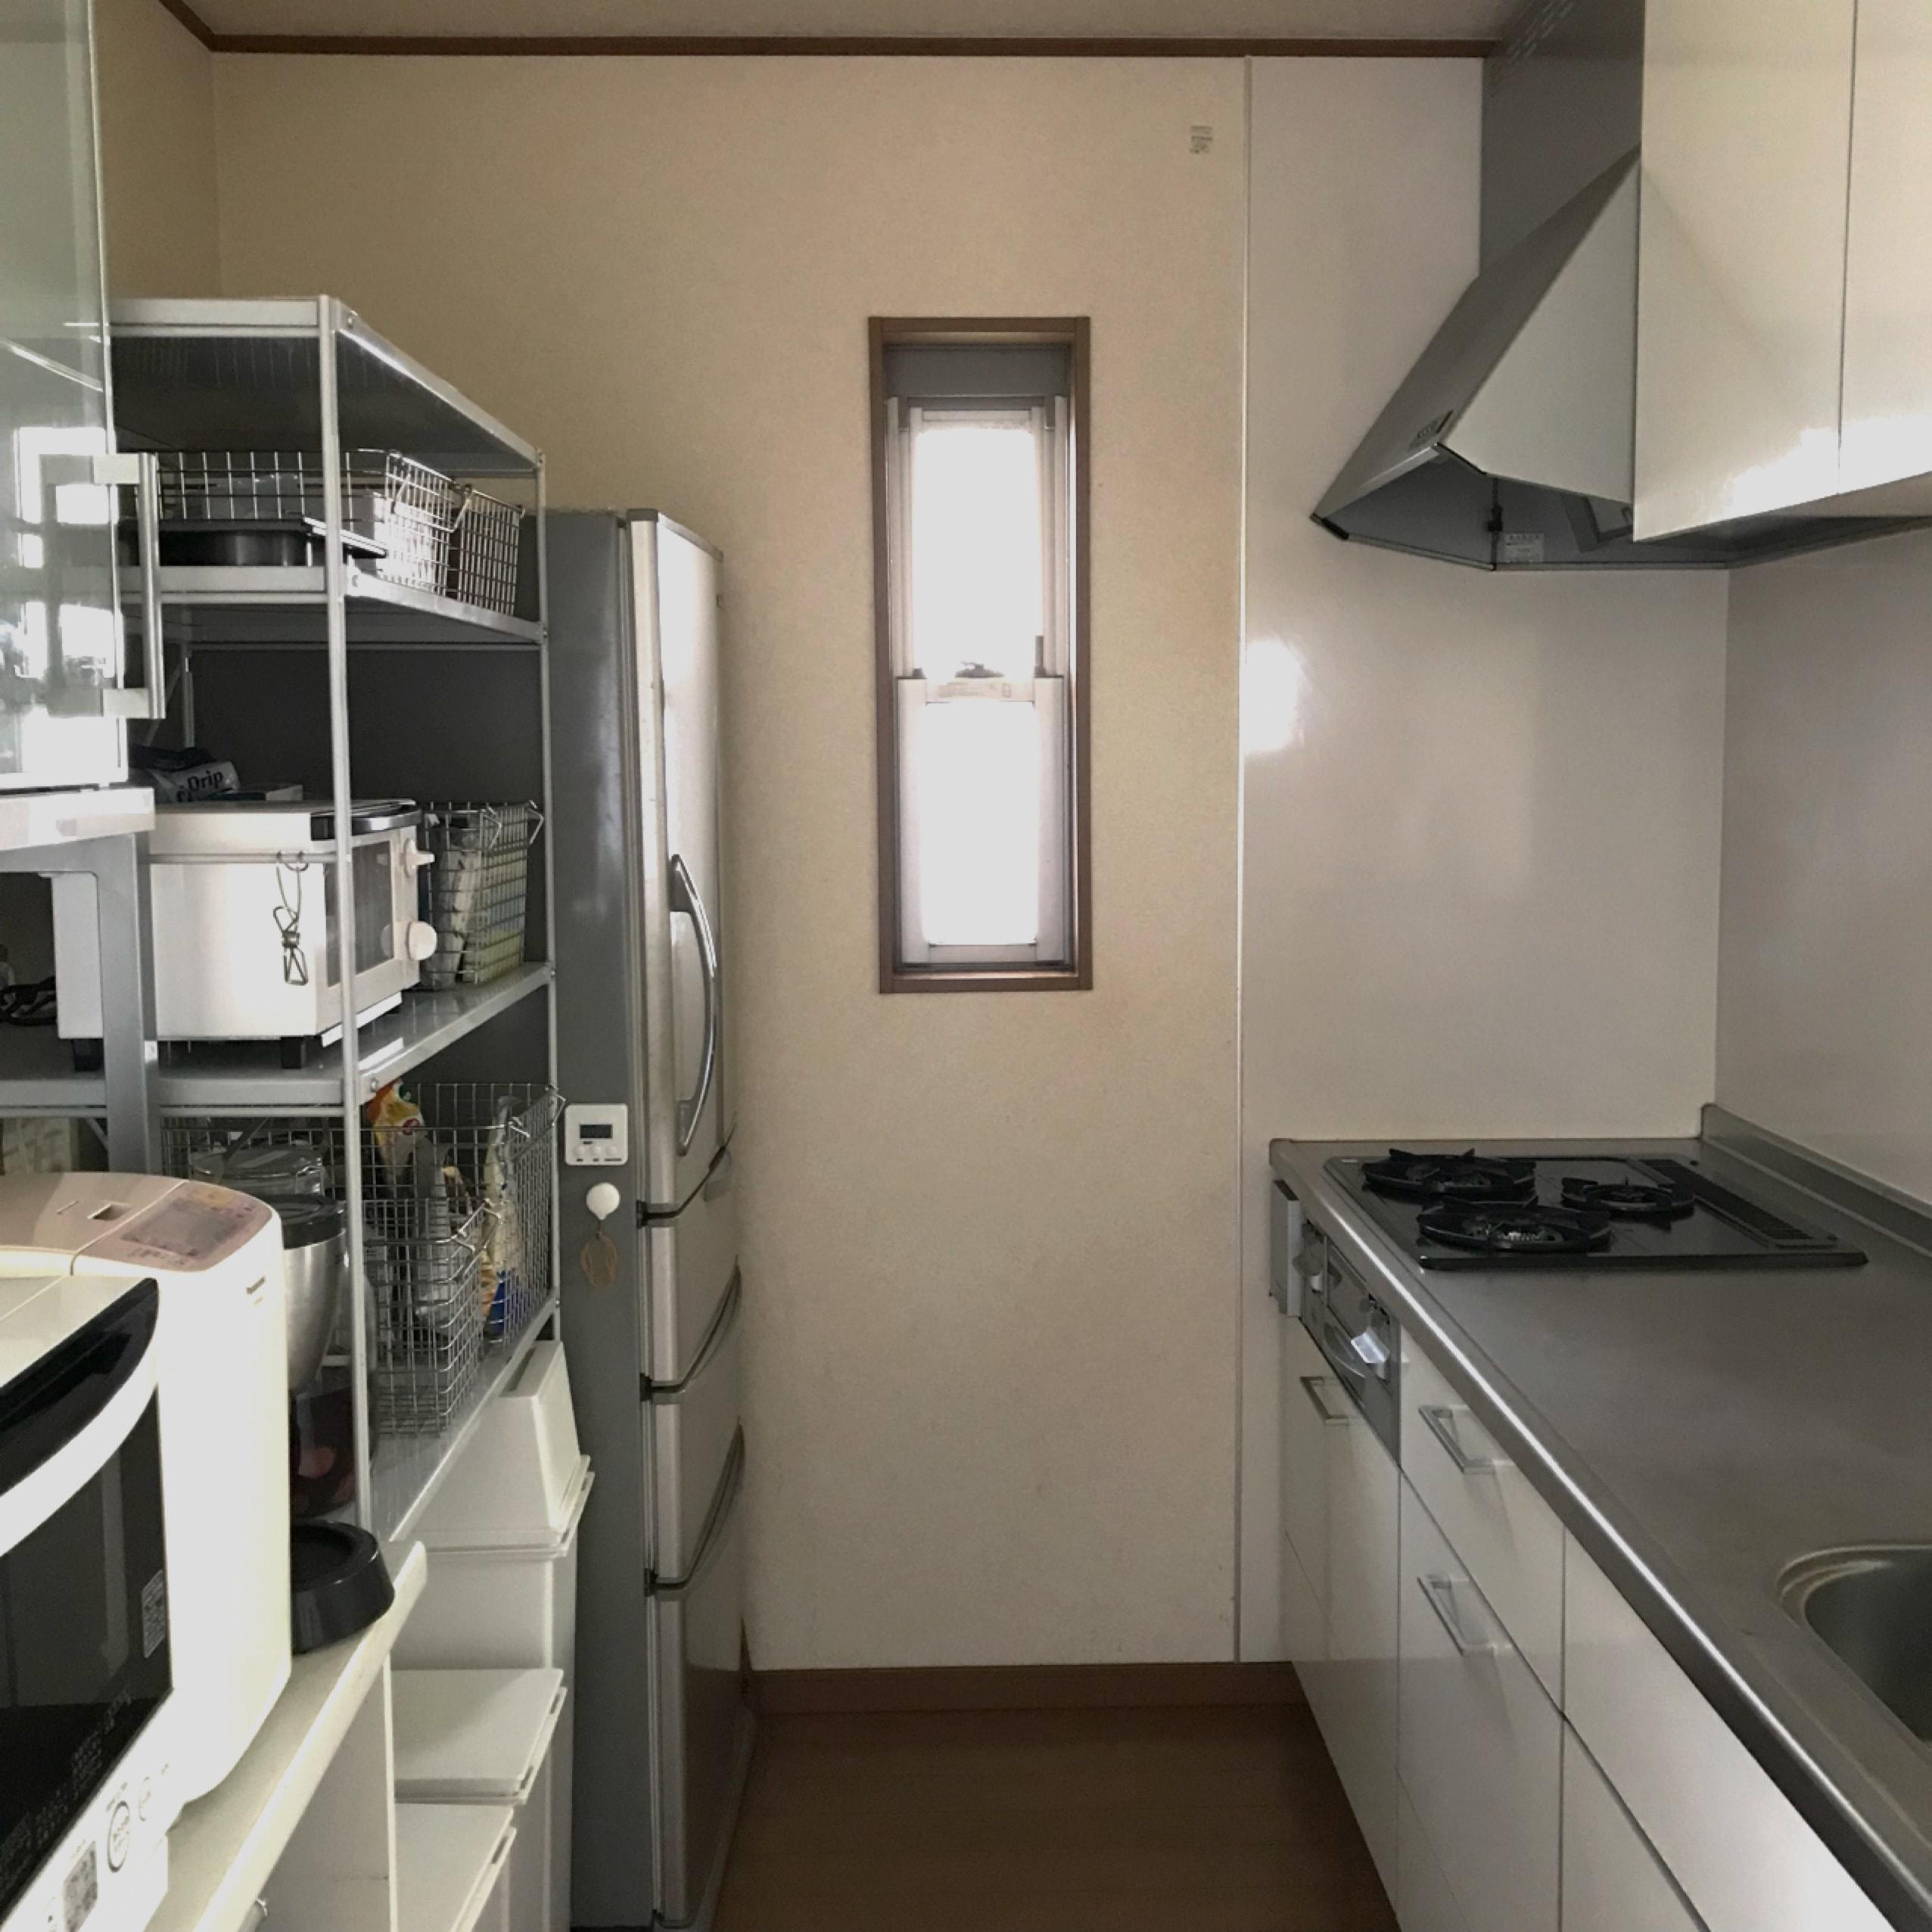 1ef36b8fdd キッチン収納術のコツを知って、シンク下や引き出しの片付けをもっと効率 ...